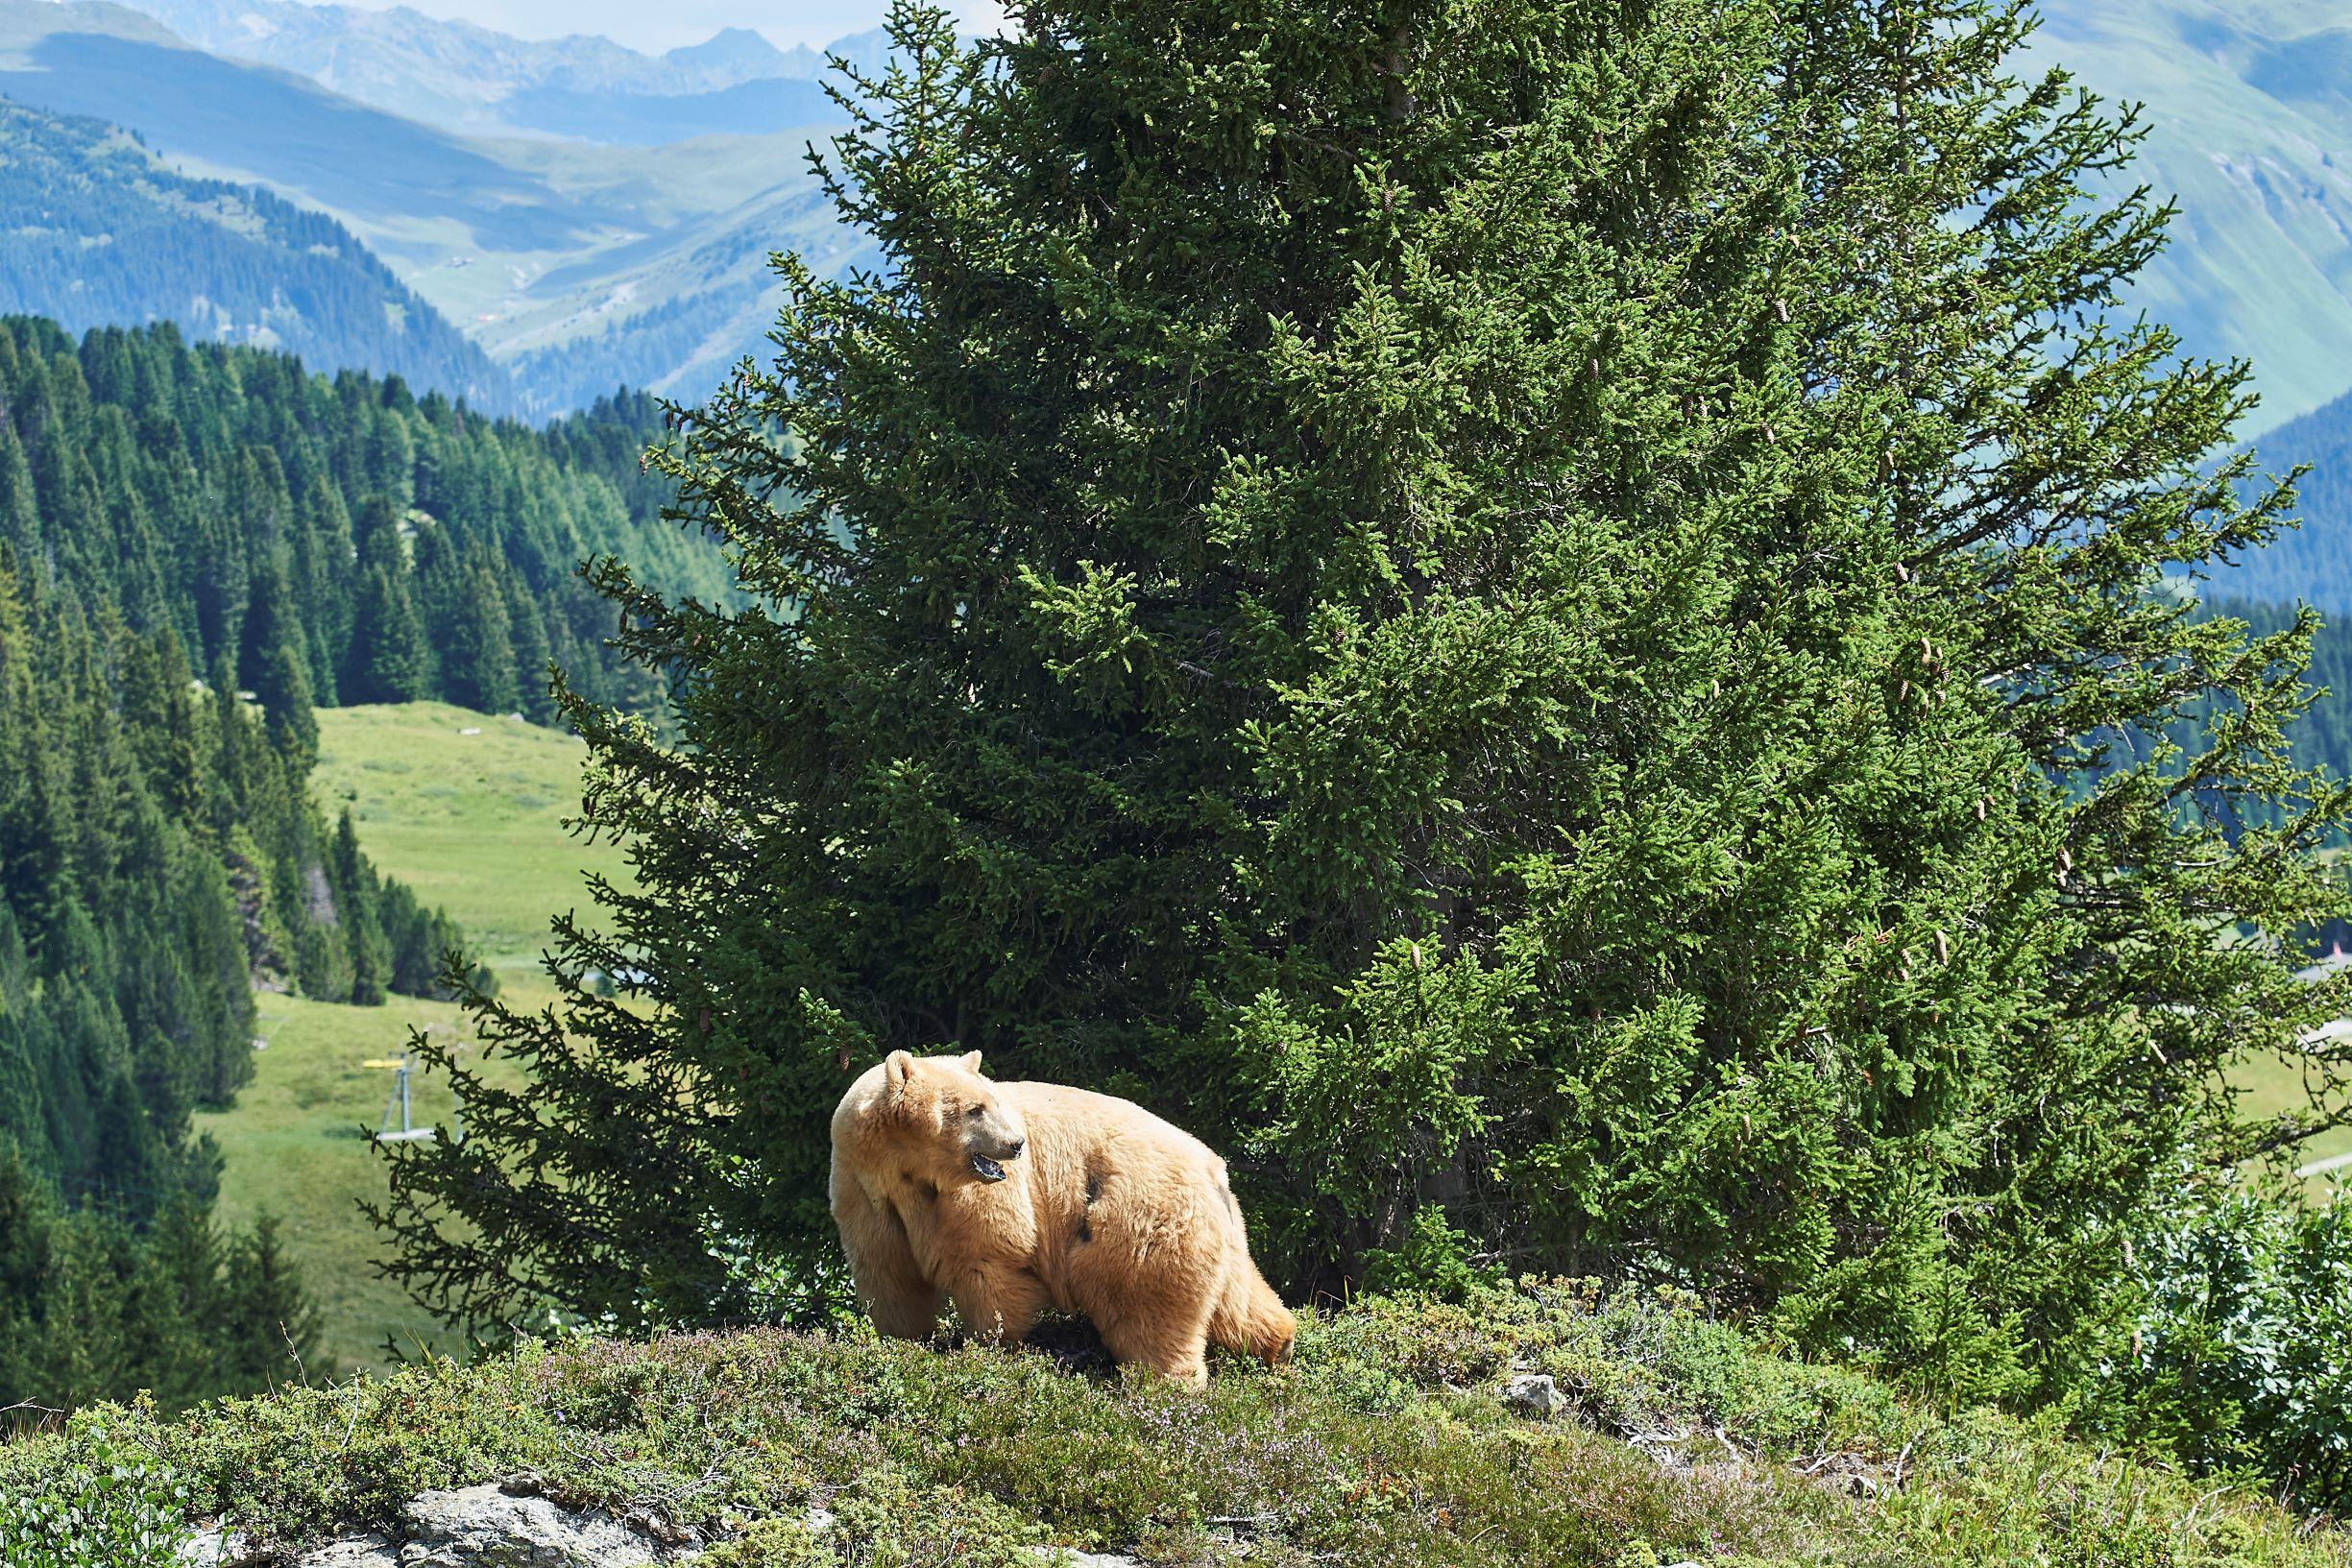 Napa, der Braunbär, der sein Leben bisher in Gefangenschaft verbrachte, geniesst sichtlich seine neue Freiheit im Bärenpark von Arosa